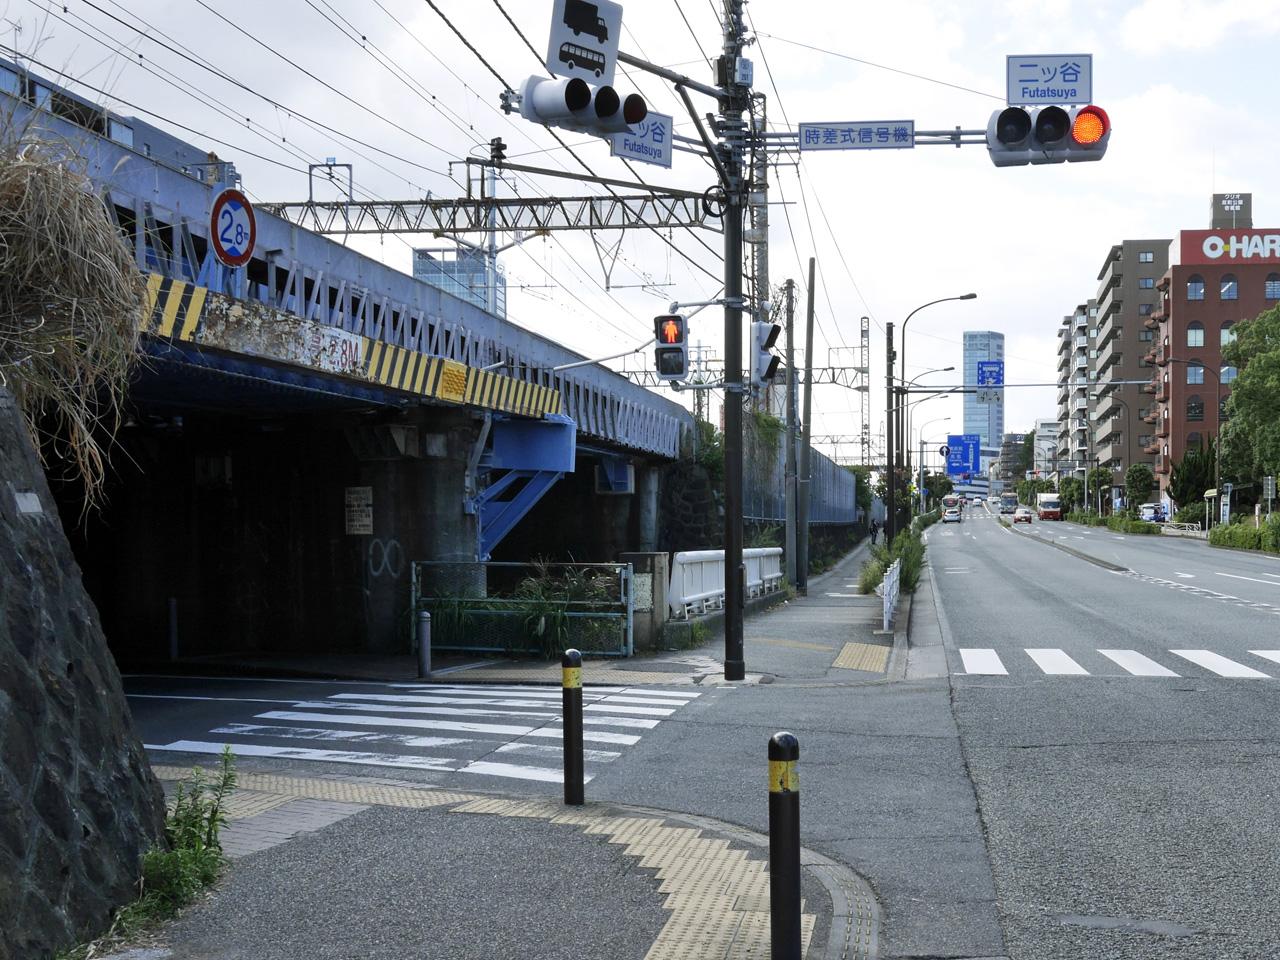 二ッ谷交差点を左折して第一京浜(国道15号)へ